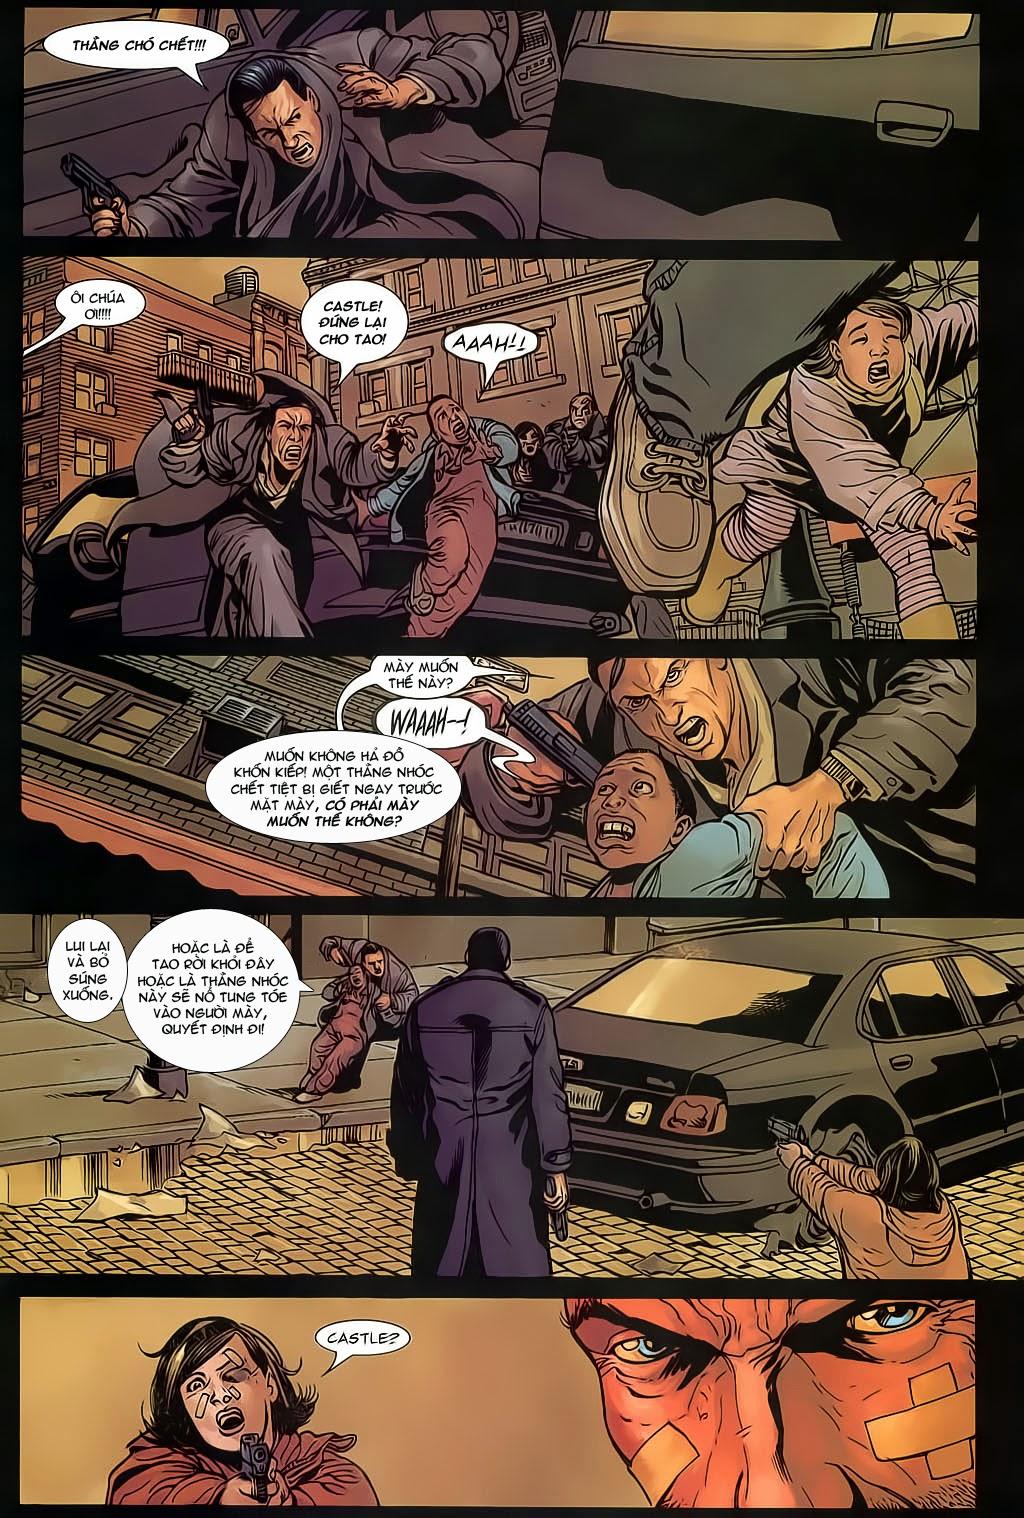 The Punisher: Trên là Dưới & Trắng là Đen chap 6 - Trang 17